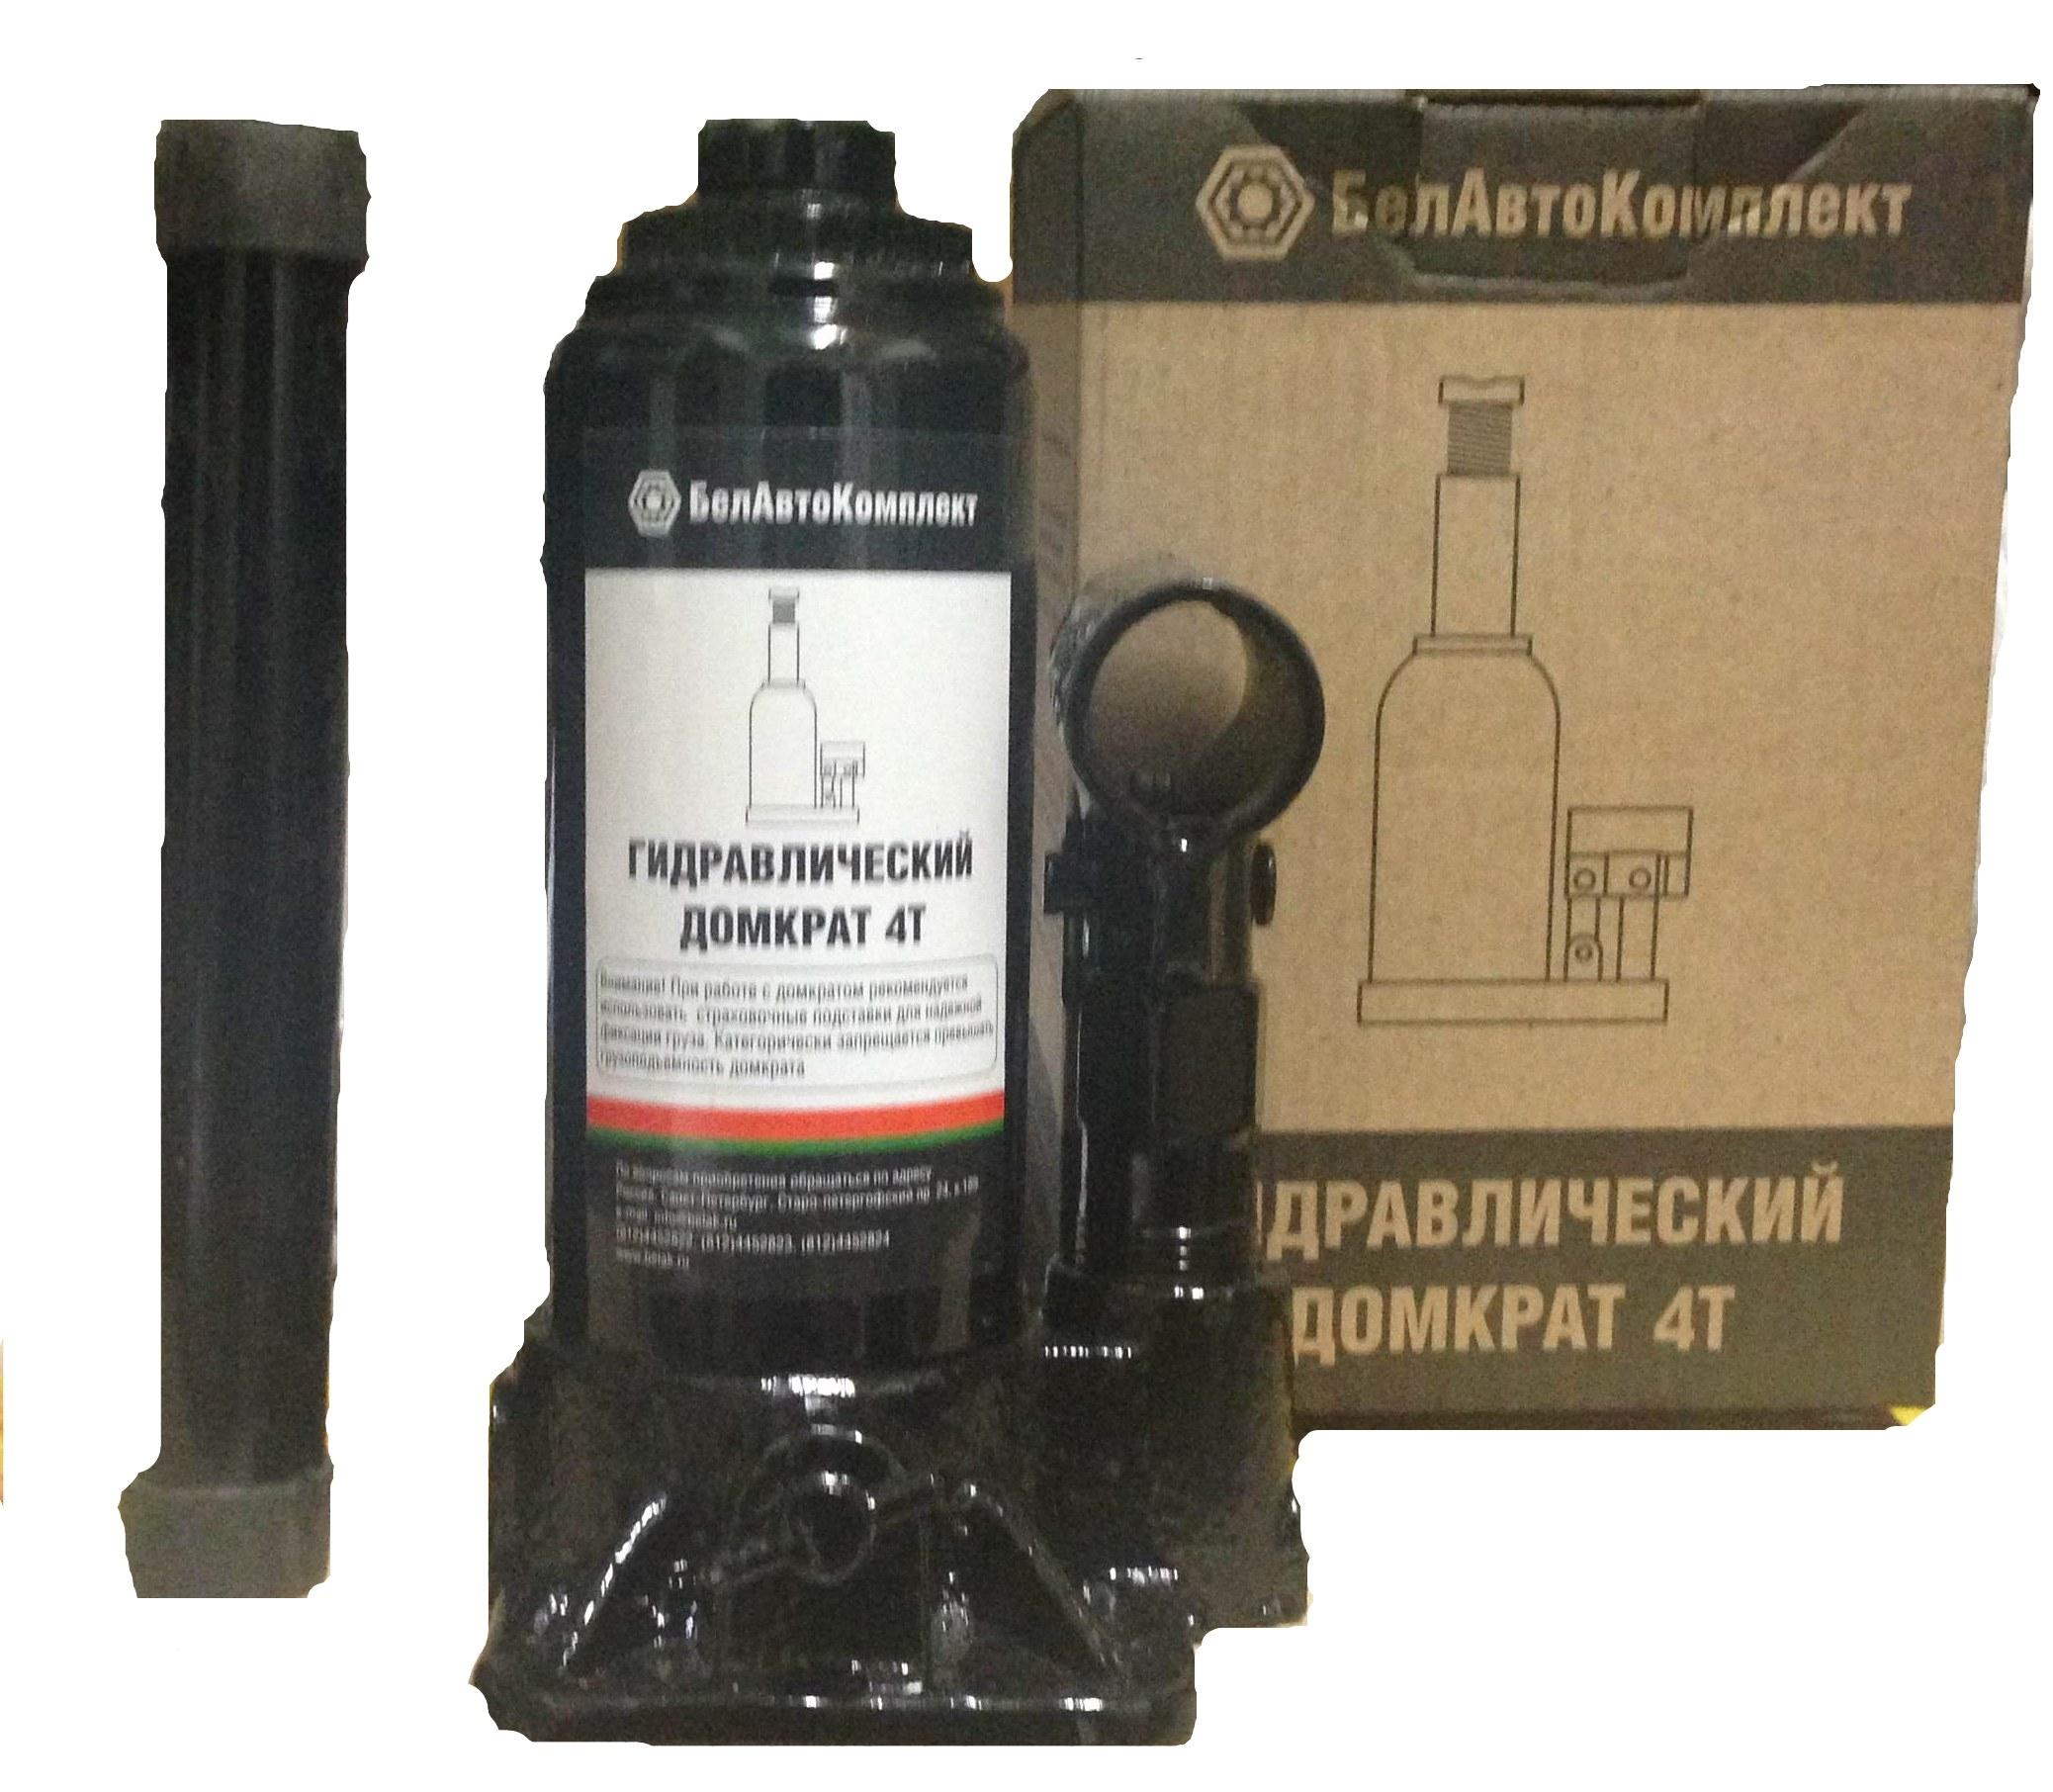 Домкрат БЕЛАВТОКОМПЛЕКТ БАК.00041 домкрат бутылочный белавтокомплект с двумя клапанами 5 т